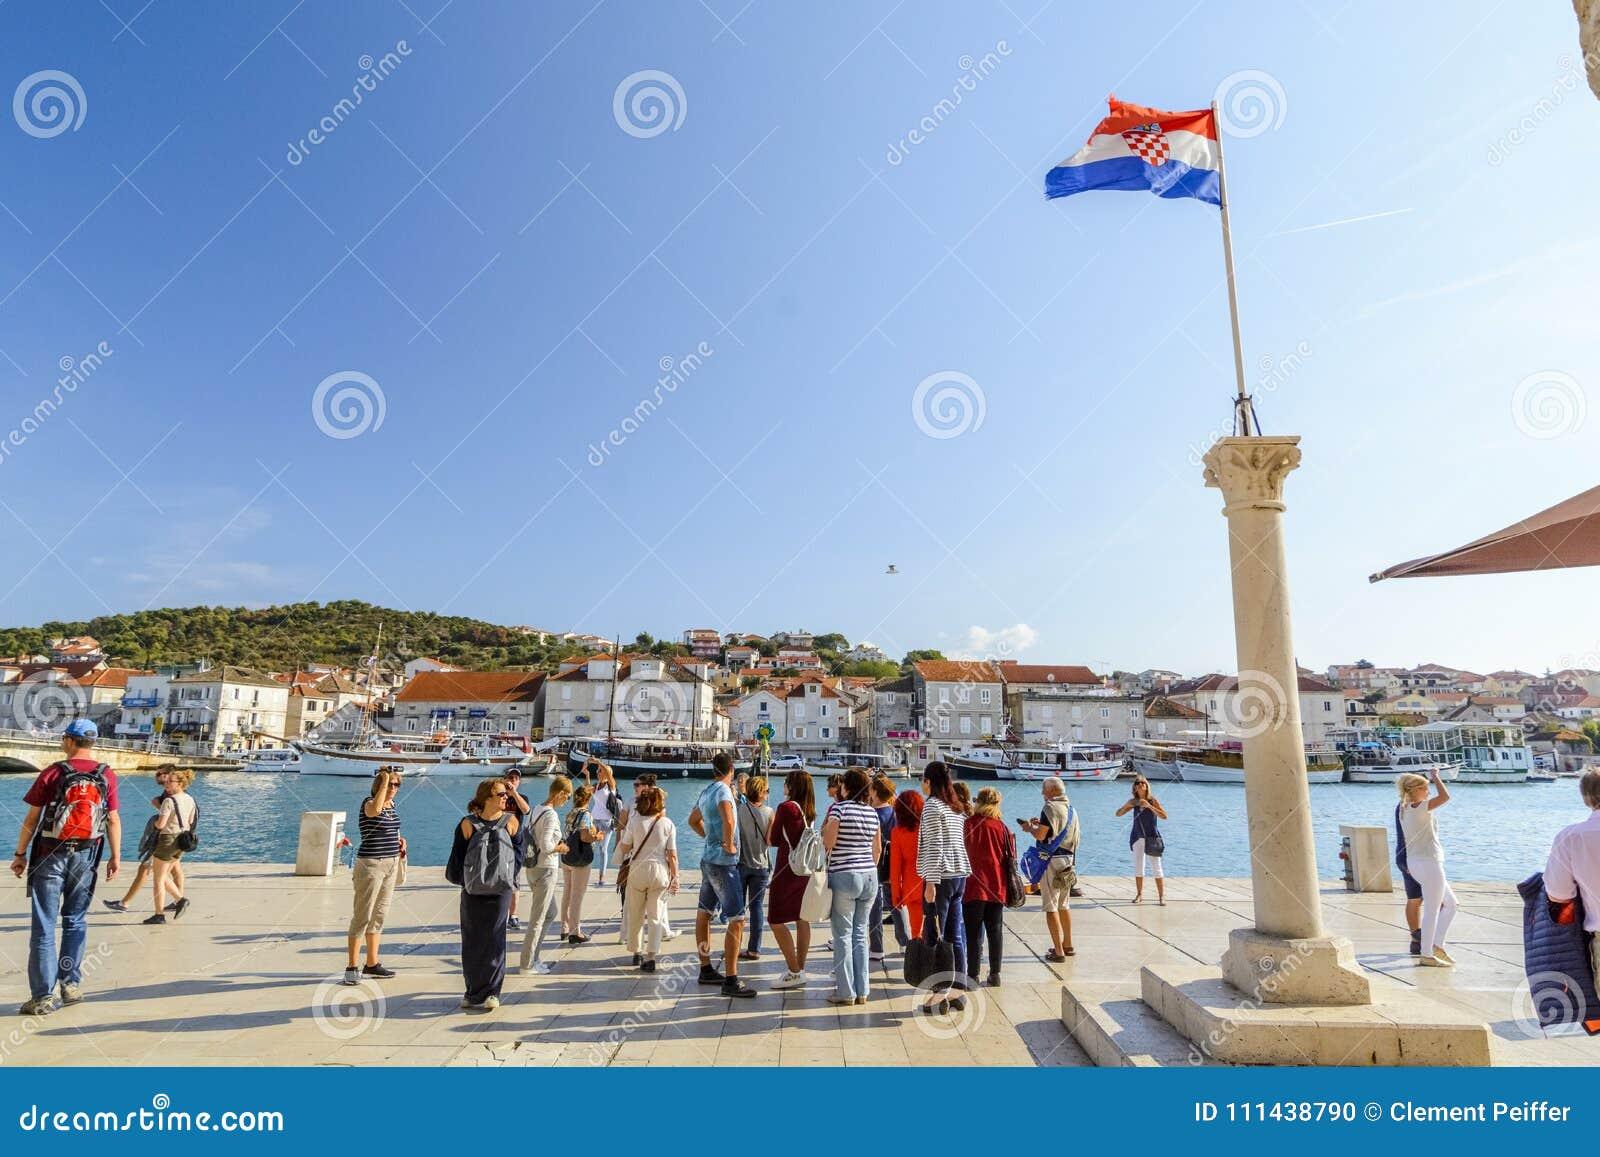 SPLITTRING KROATIEN, OKTOBER 01, 2017: turist som går på stranden och tar bilden av den kluvna marina nära den kroatiska flaggan